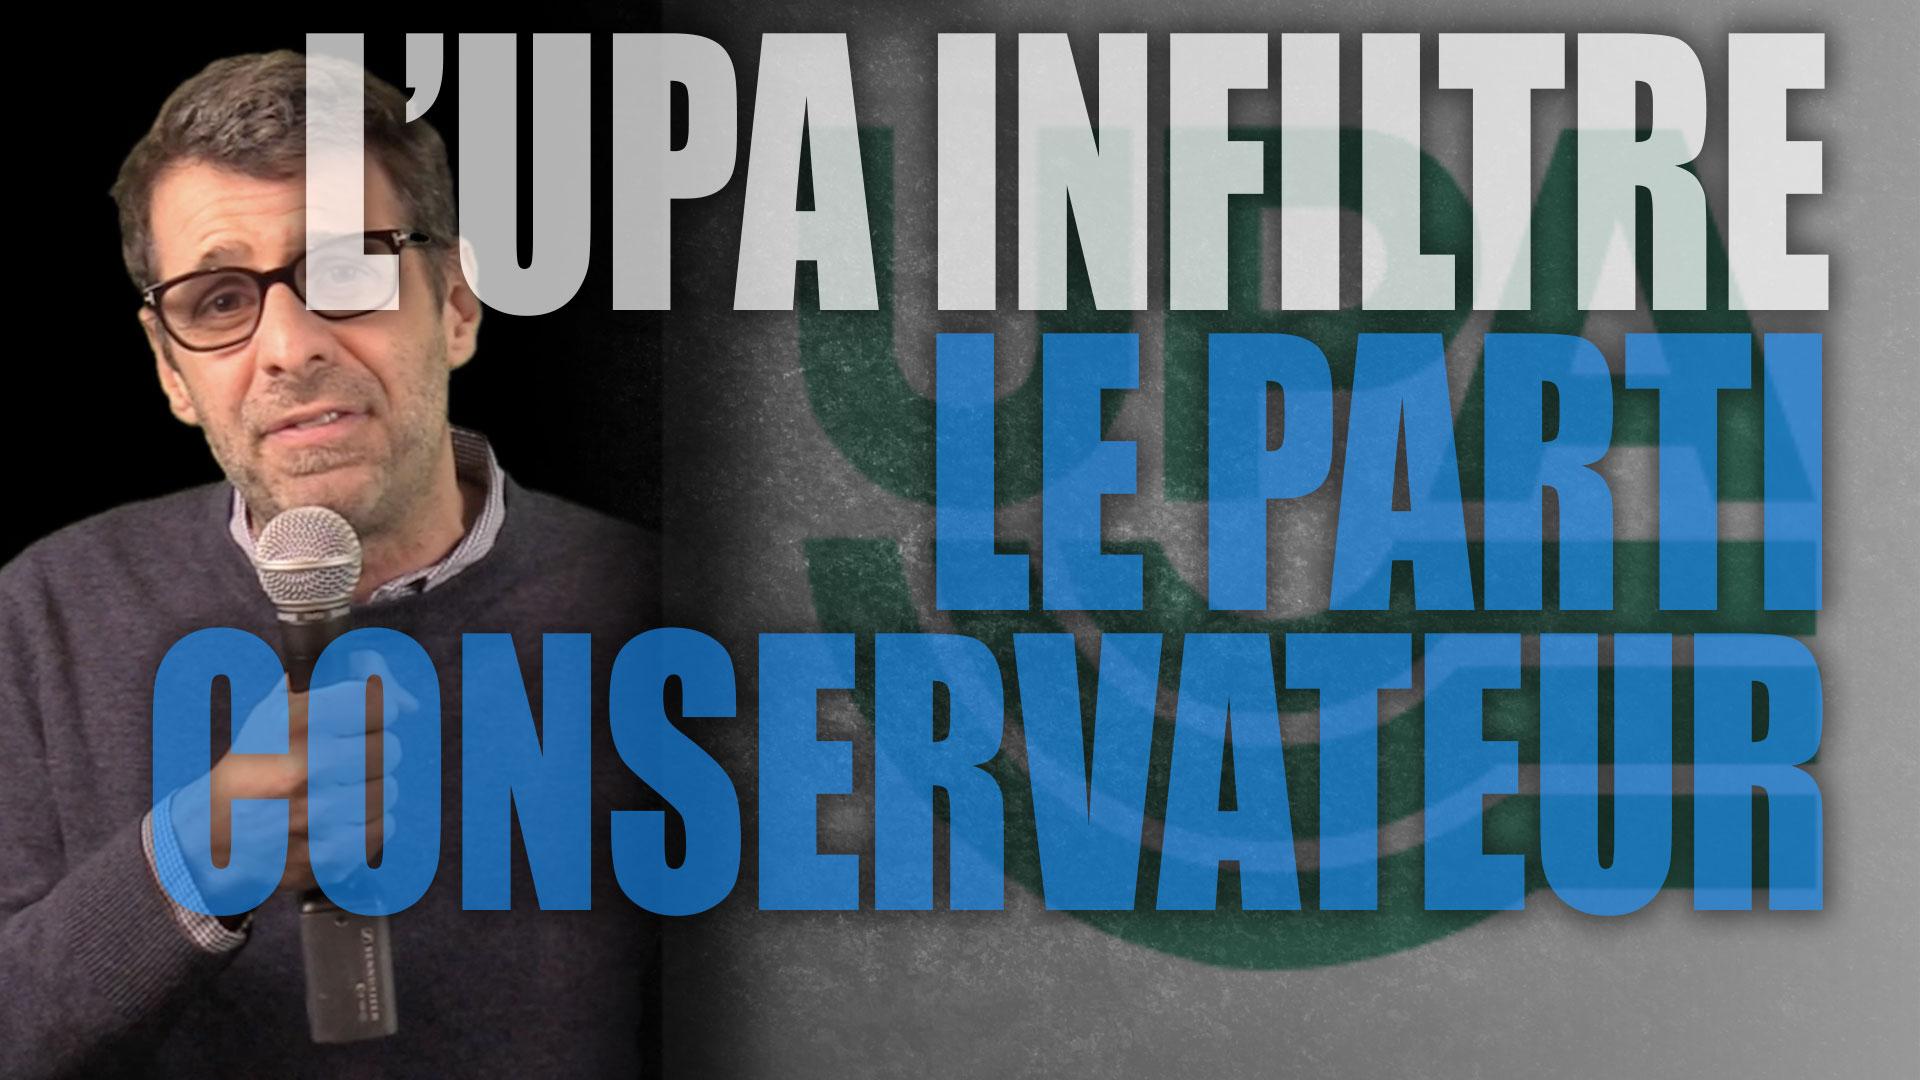 L'UPA infiltre le parti Conservateur